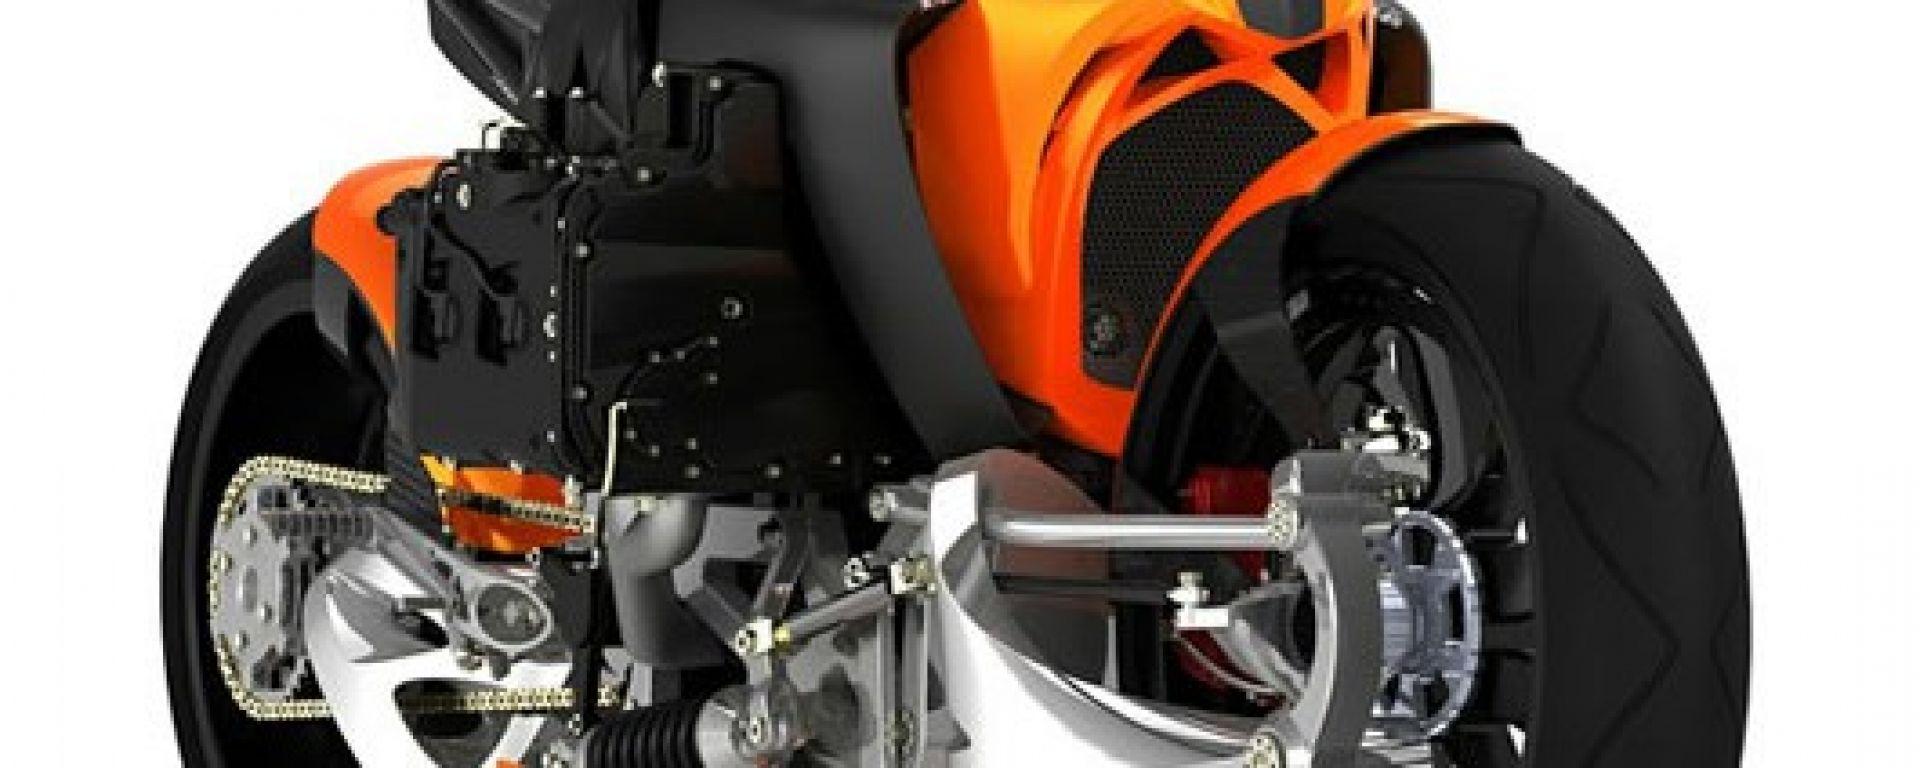 KickBoxer Diesel AWD